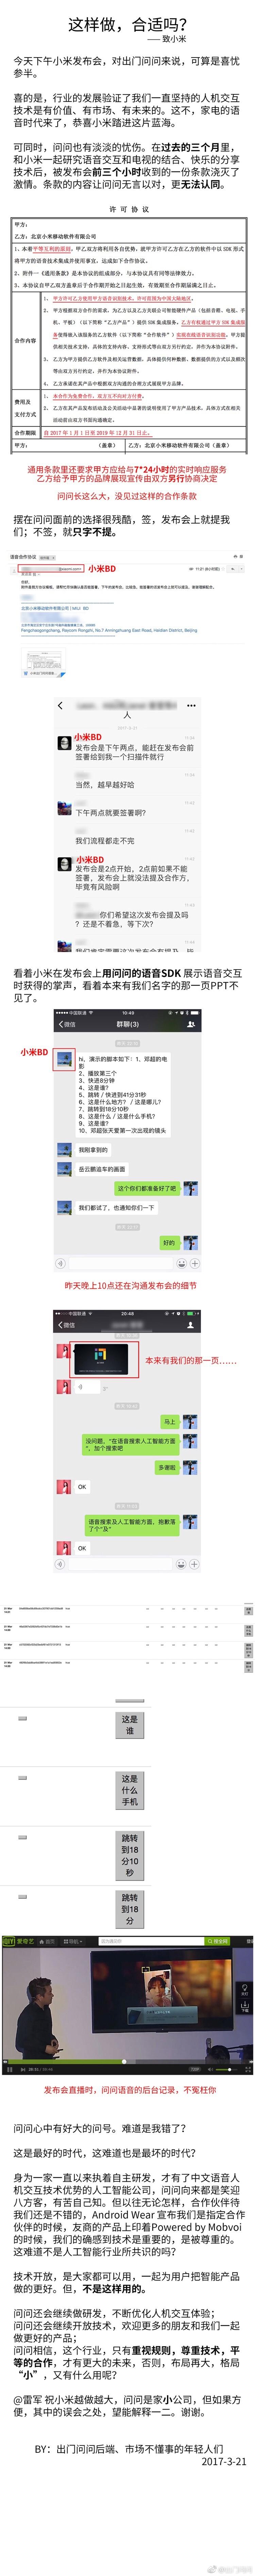 小米电视刚发新品即遭合作方出门问问抗议:强用技术的照片 - 2